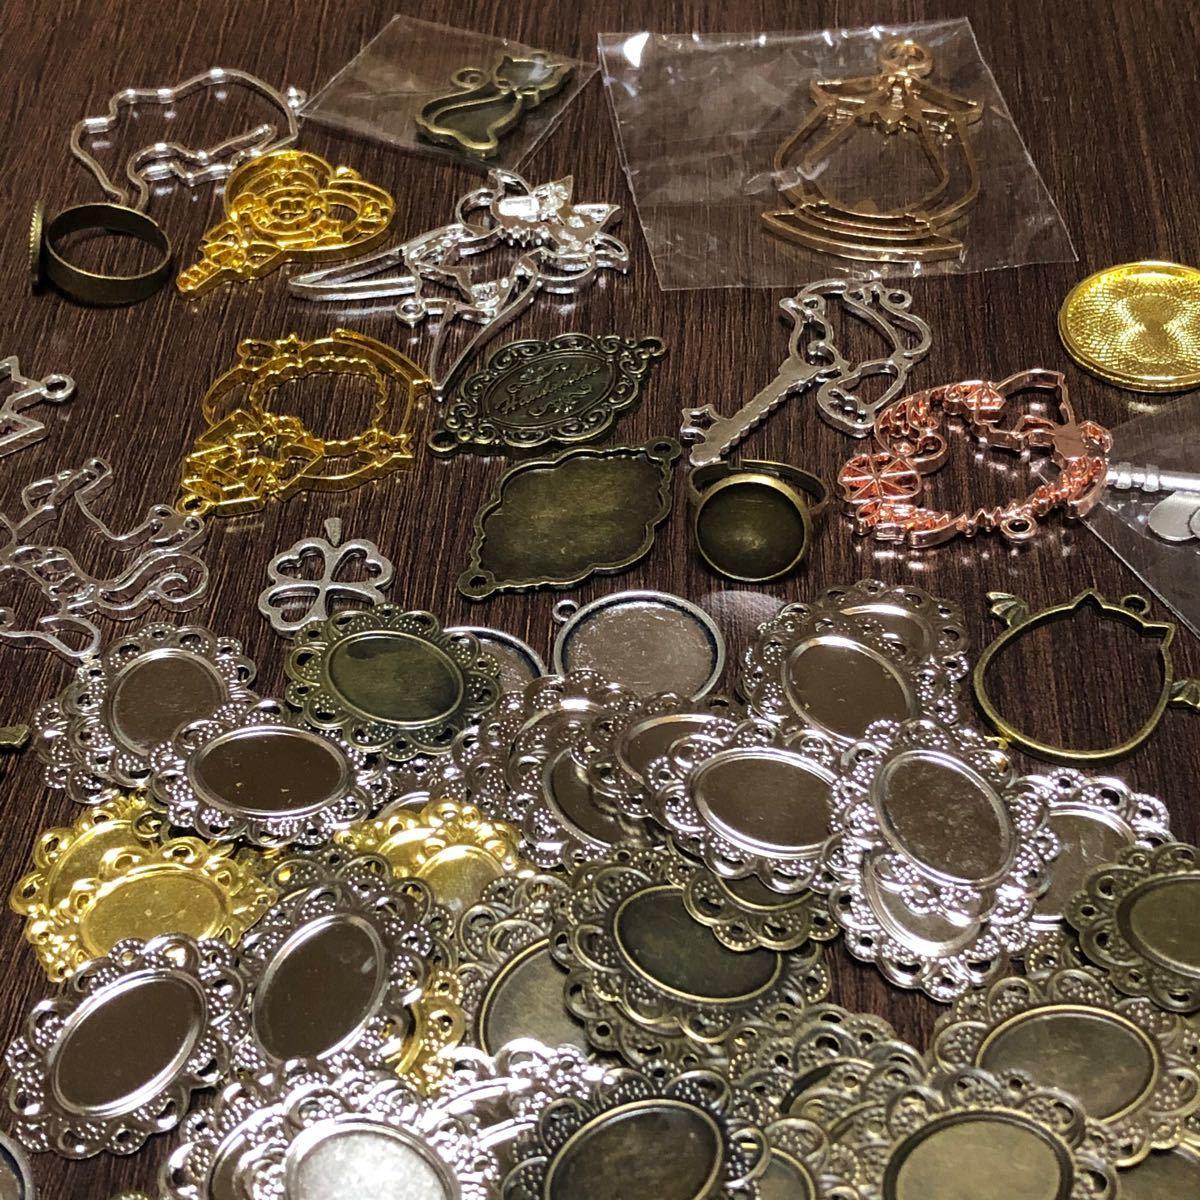 手芸用品 レジンパーツ ミール皿 & フレーム 100個セット ハンドメイド商品